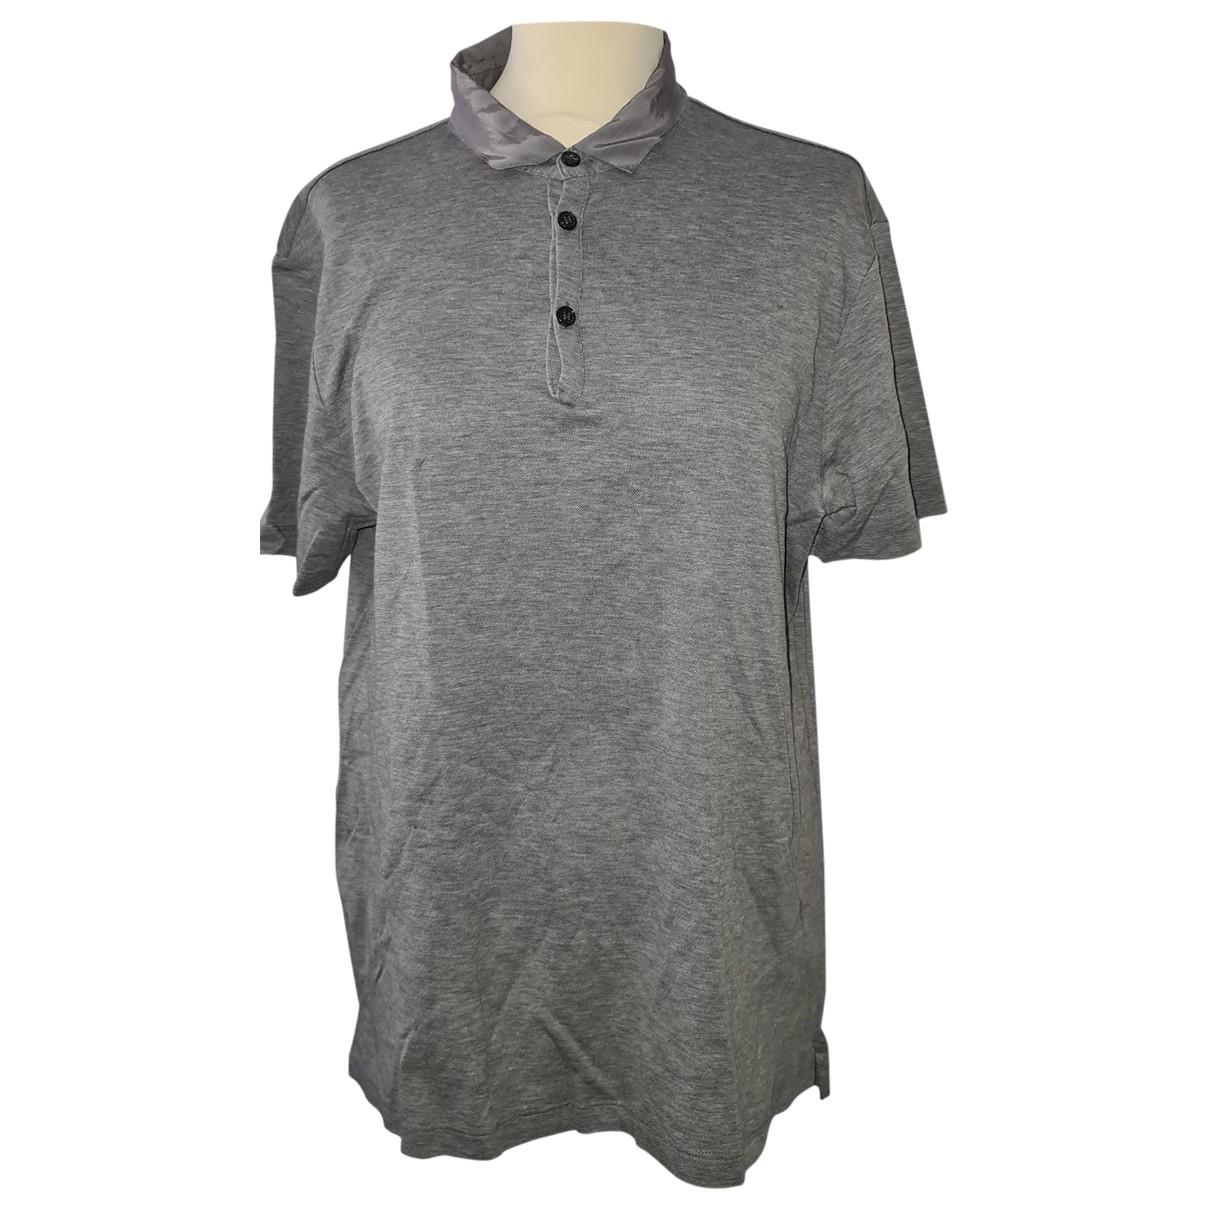 Lanvin \N Grey Cotton Polo shirts for Men L International